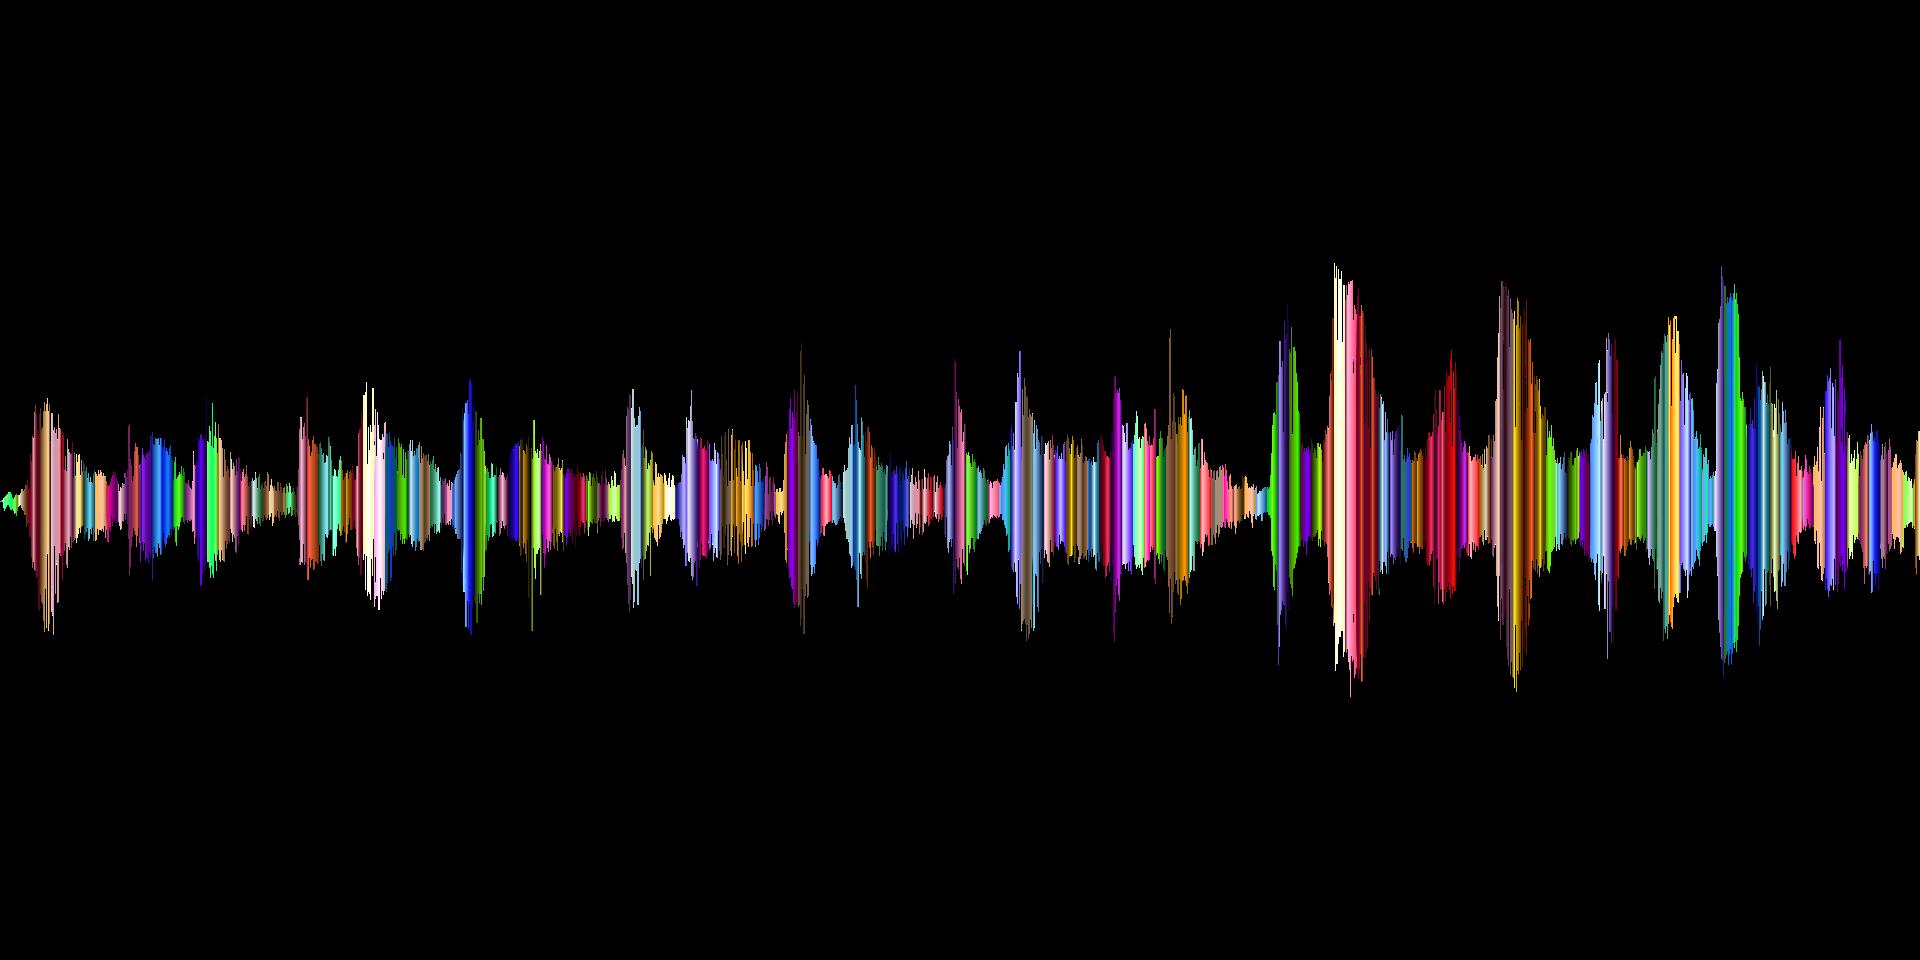 上野、横浜、多治見にあるボーカル/ナレーション専門のレコーディングスタジオHOMURASOUND